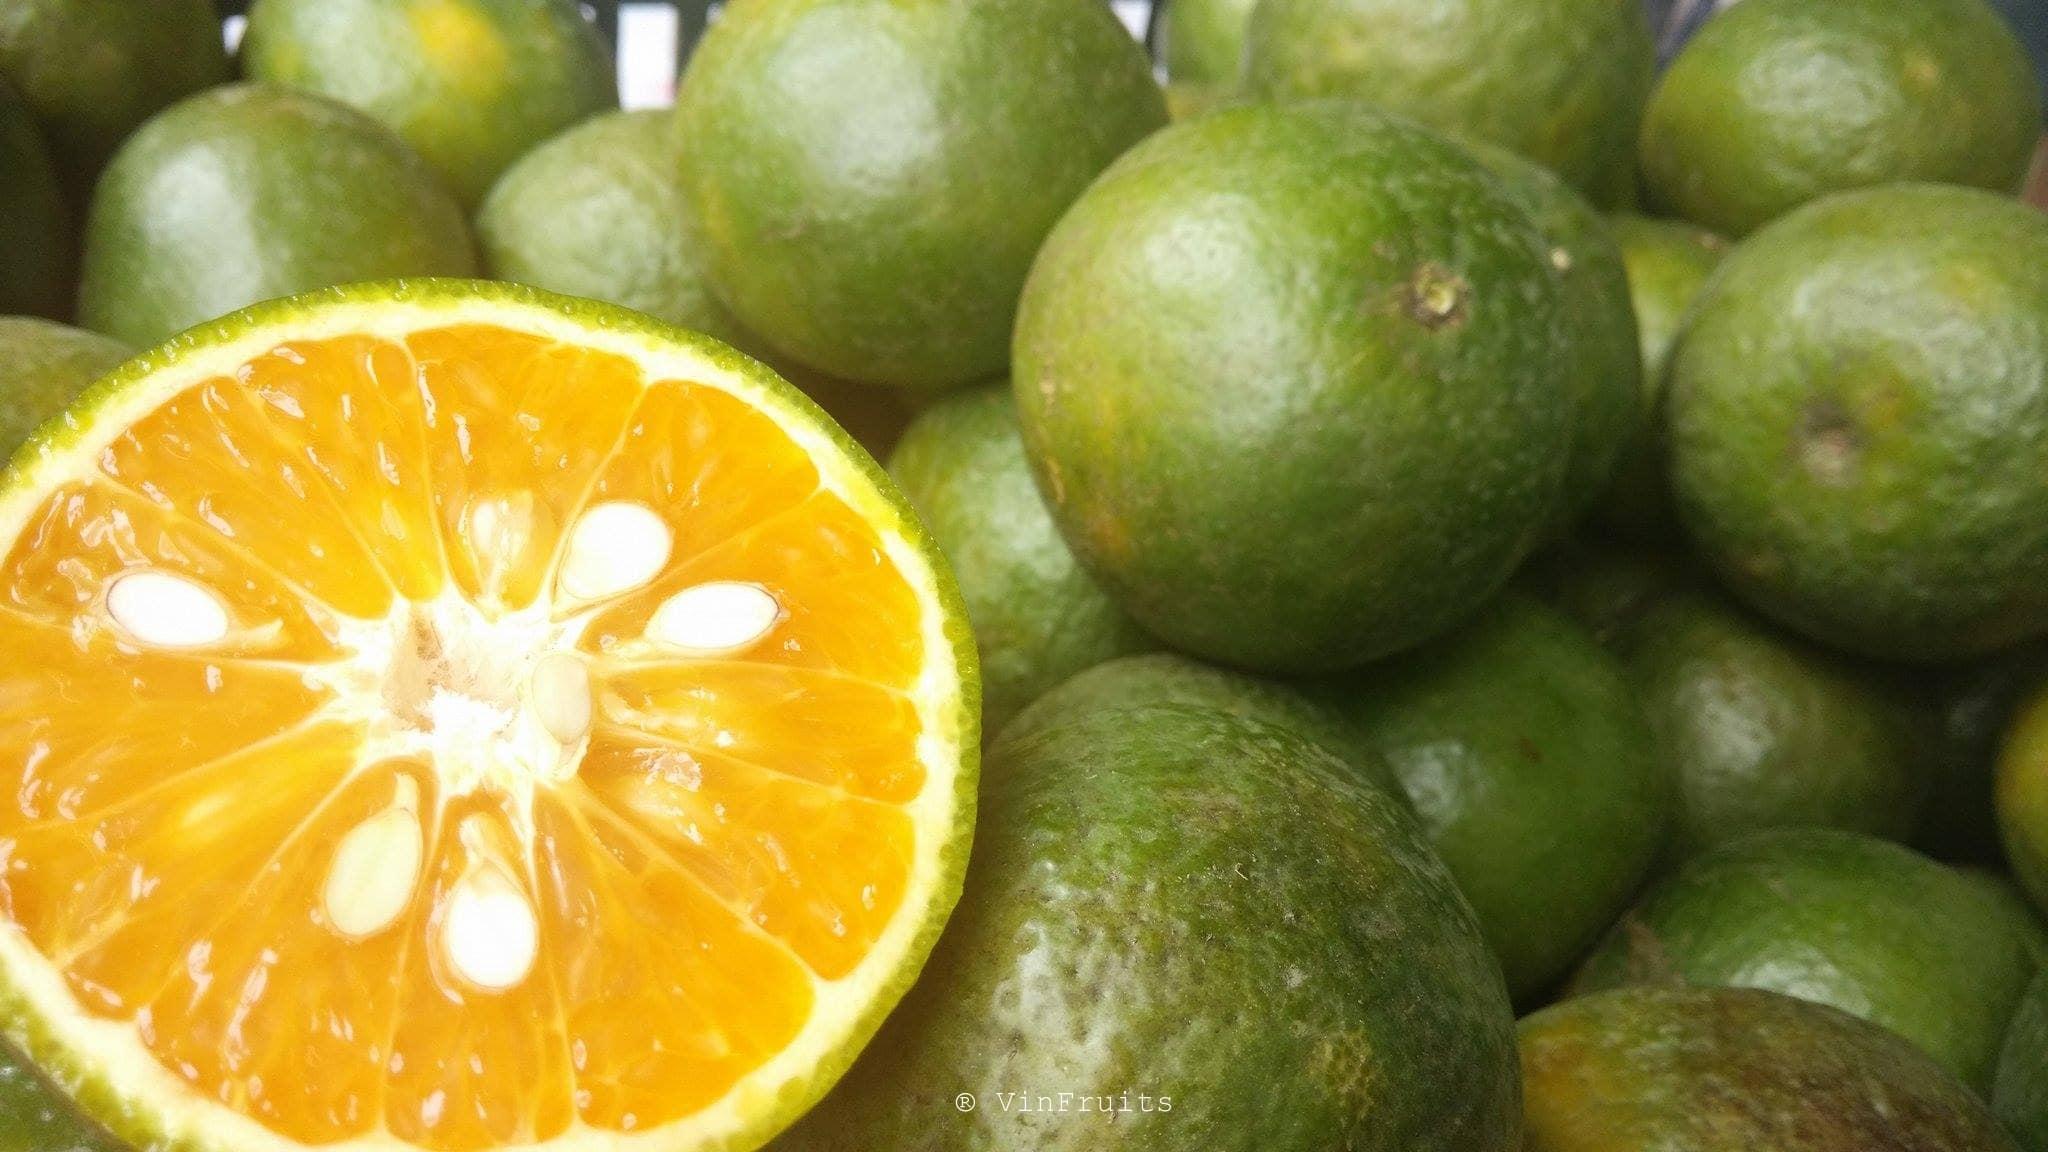 Cách lựa chọn cam ngon - Vinfruits